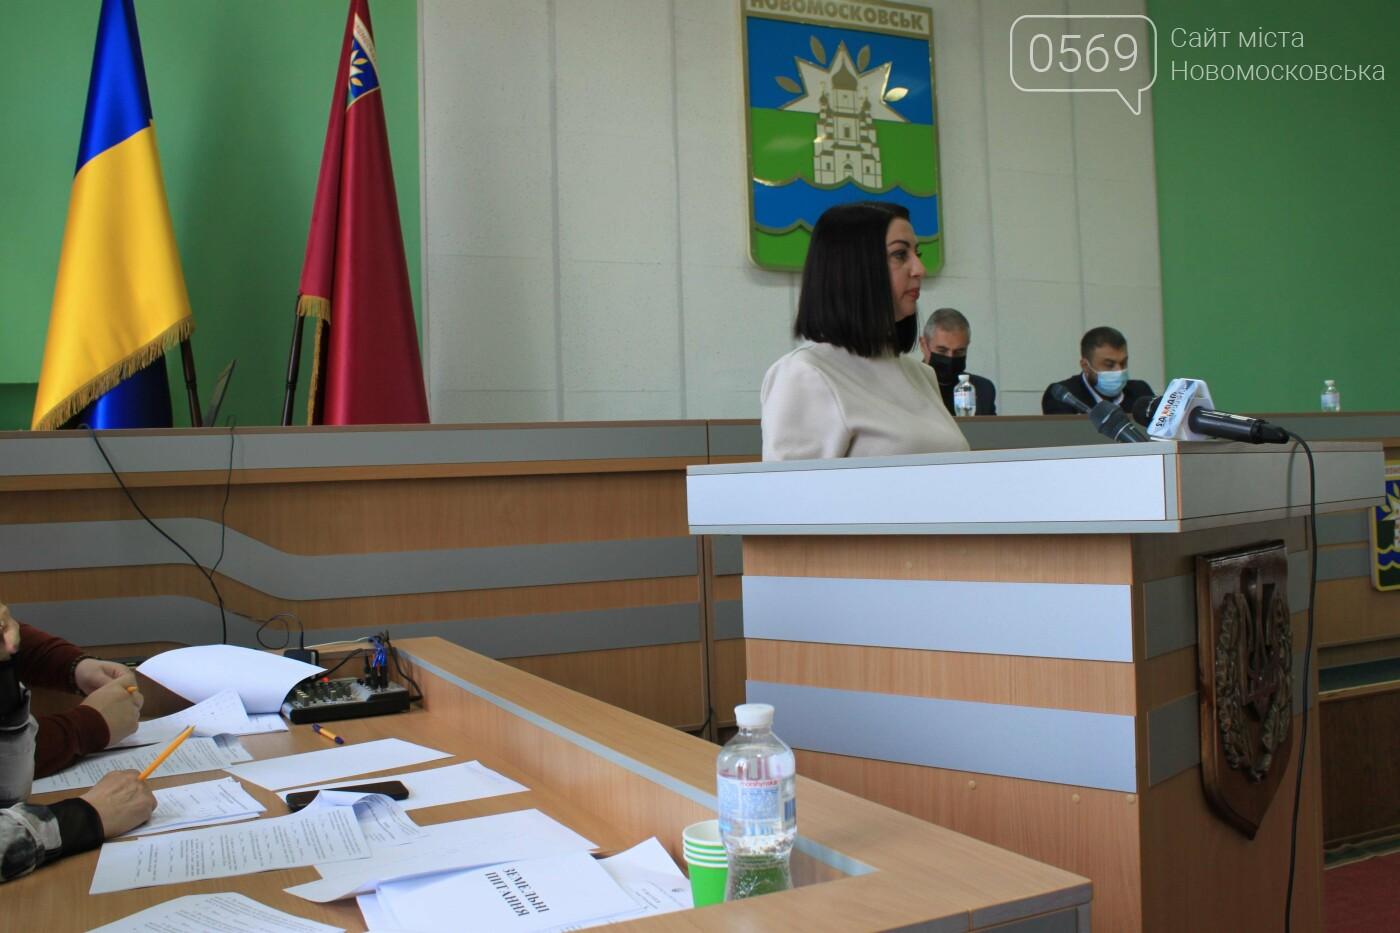 У Новомосковську відбулася сесія міської ради: які рішення ухвалили , фото-1